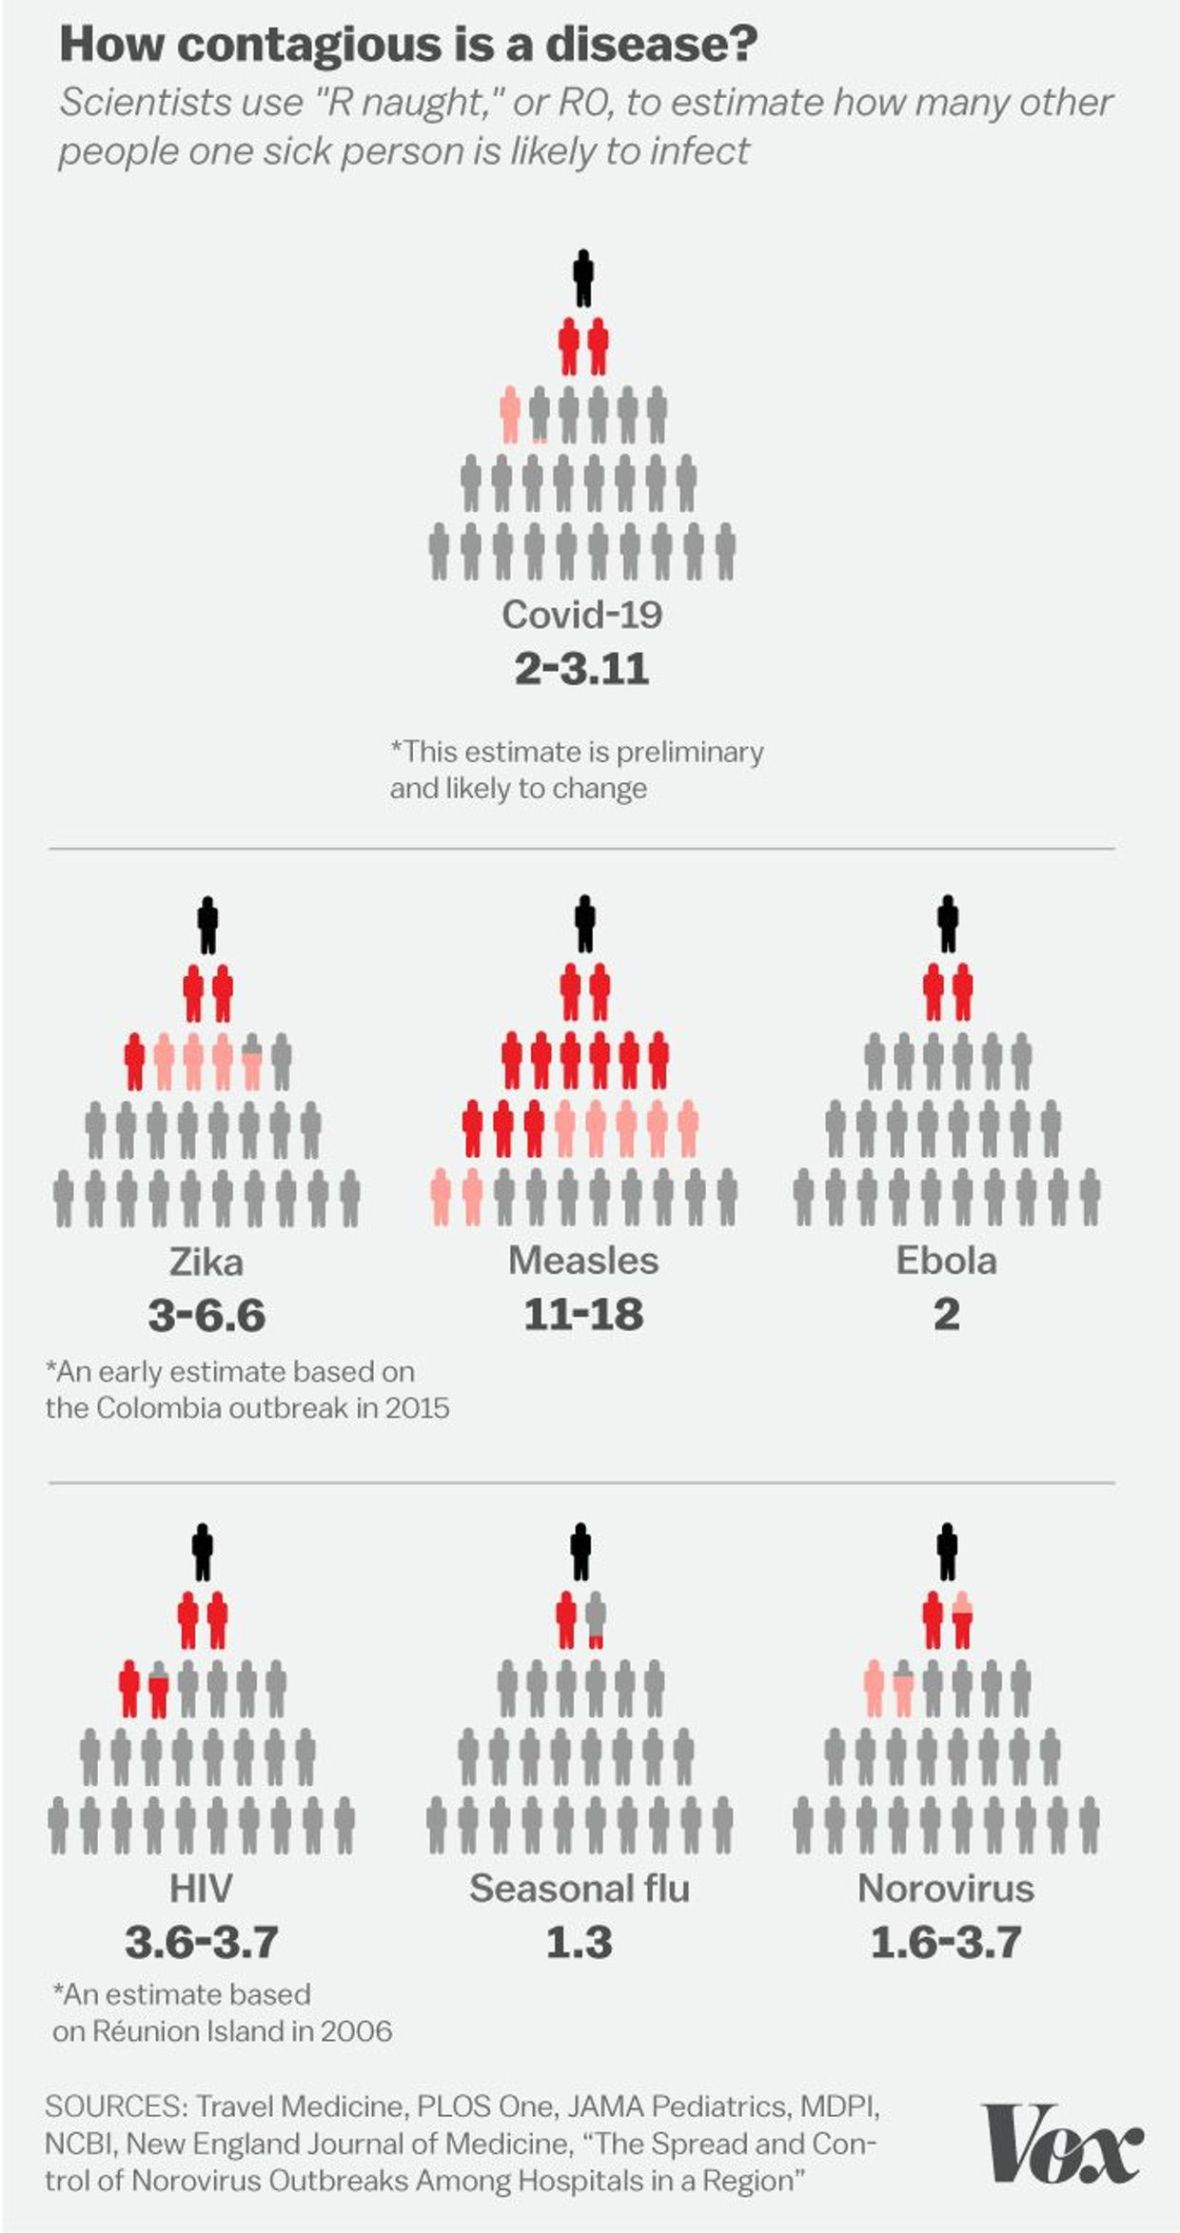 Слика 1. Коронавирусот има R0 кој е двапати поголем од оној на сезонскиот грип. (ИЗВОР: Vox Media)